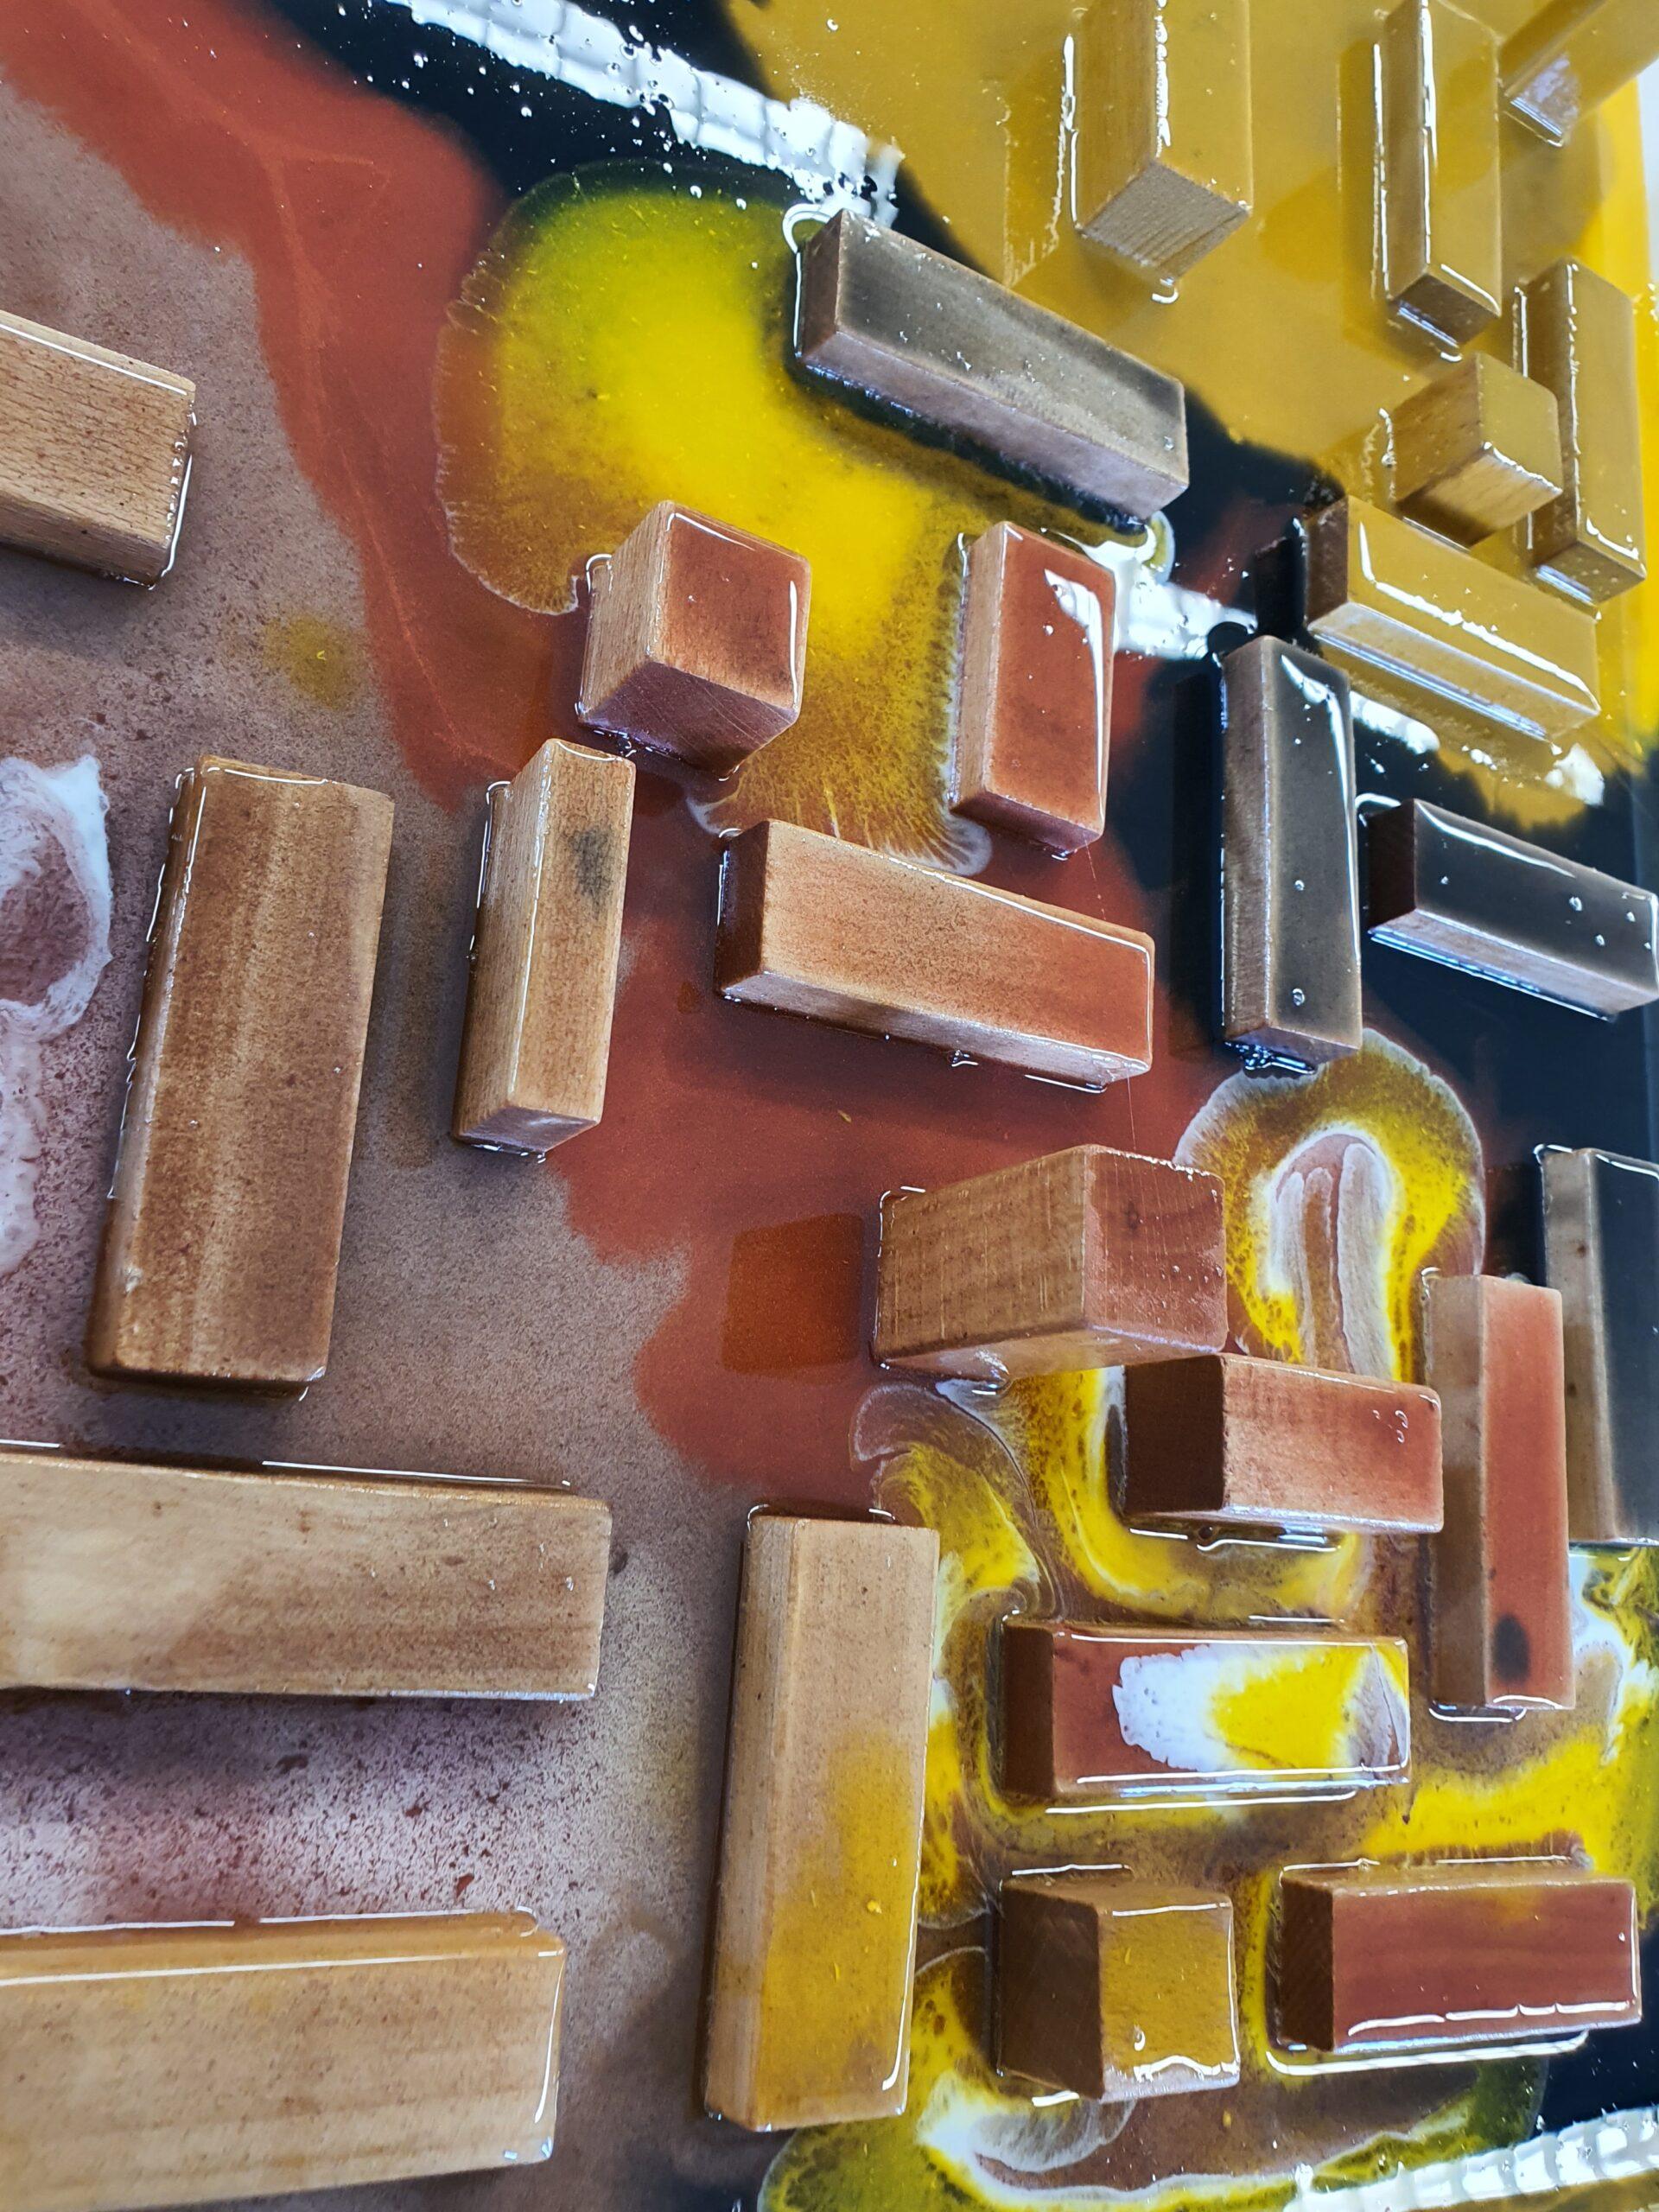 Epoxy met houtblokken detail epoxyworkshop antoynette anema